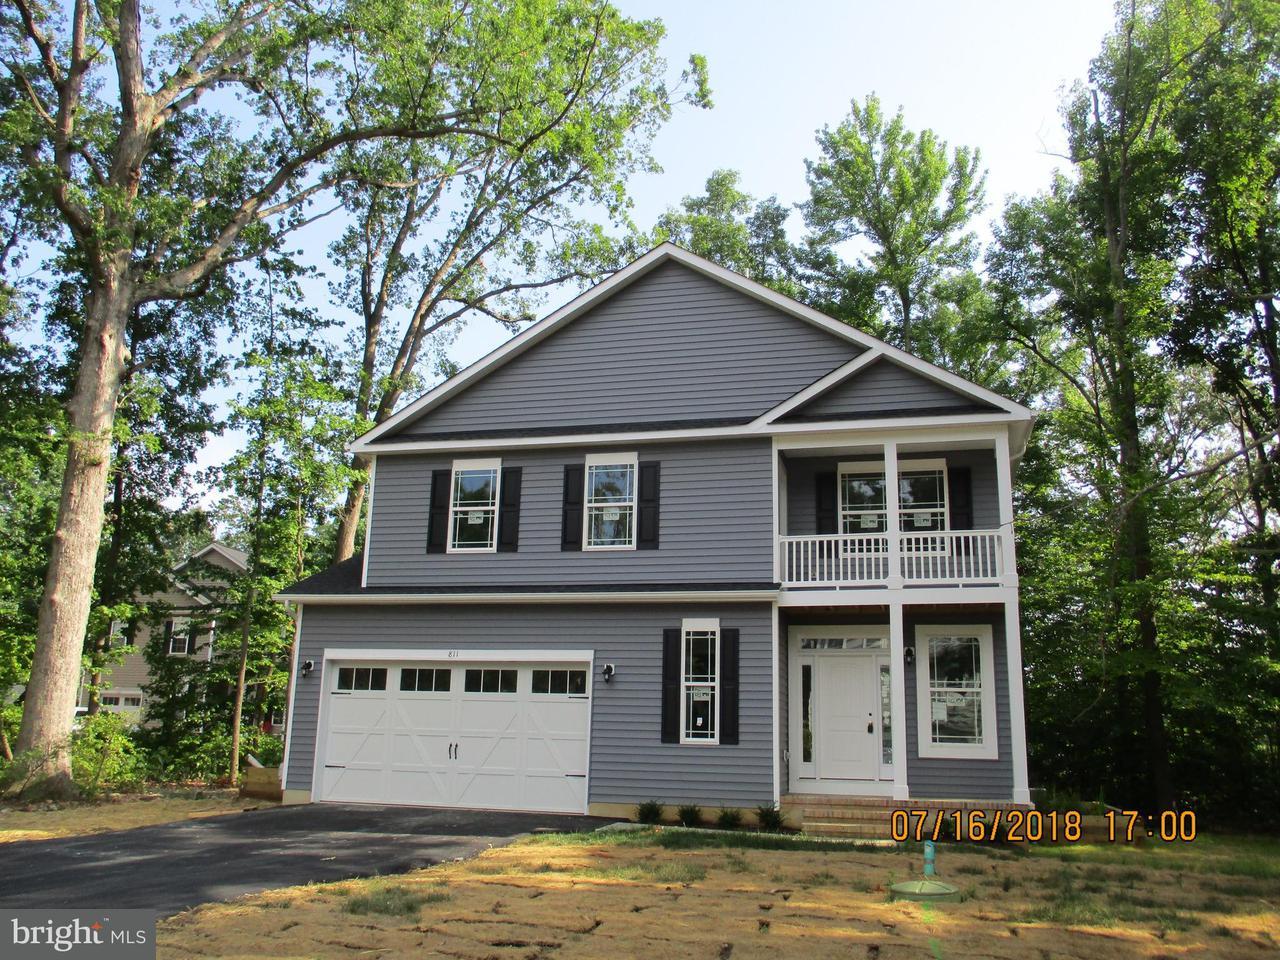 一戸建て のために 売買 アット 811 Birch Avenue 811 Birch Avenue North Beach, メリーランド 20714 アメリカ合衆国